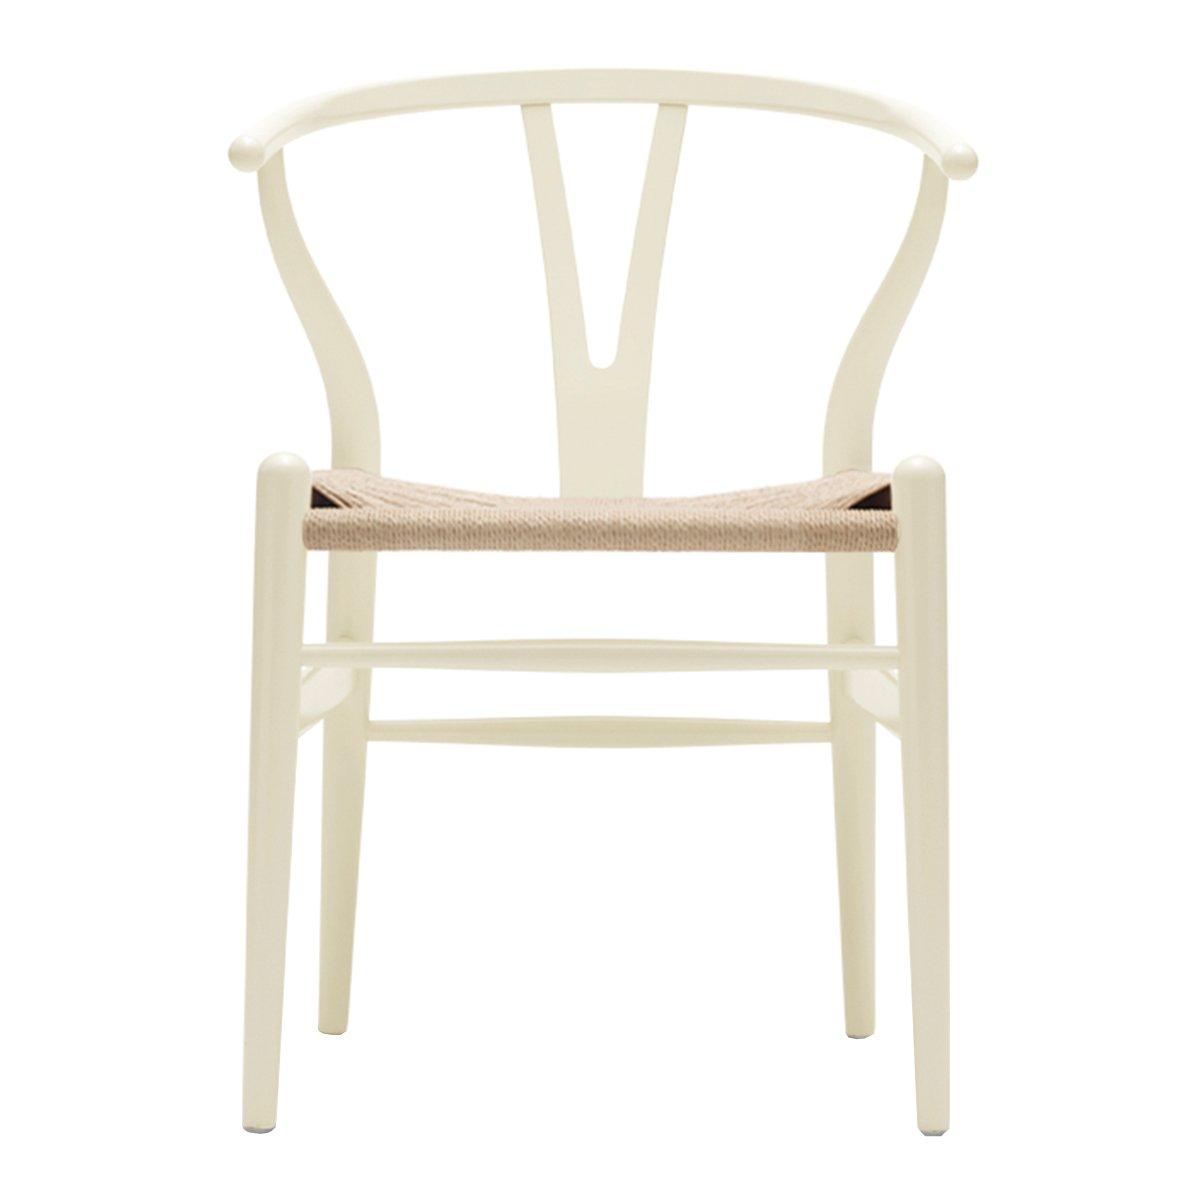 Carl Hansen Wishbone Chair NCS S1005-Y - Naturel